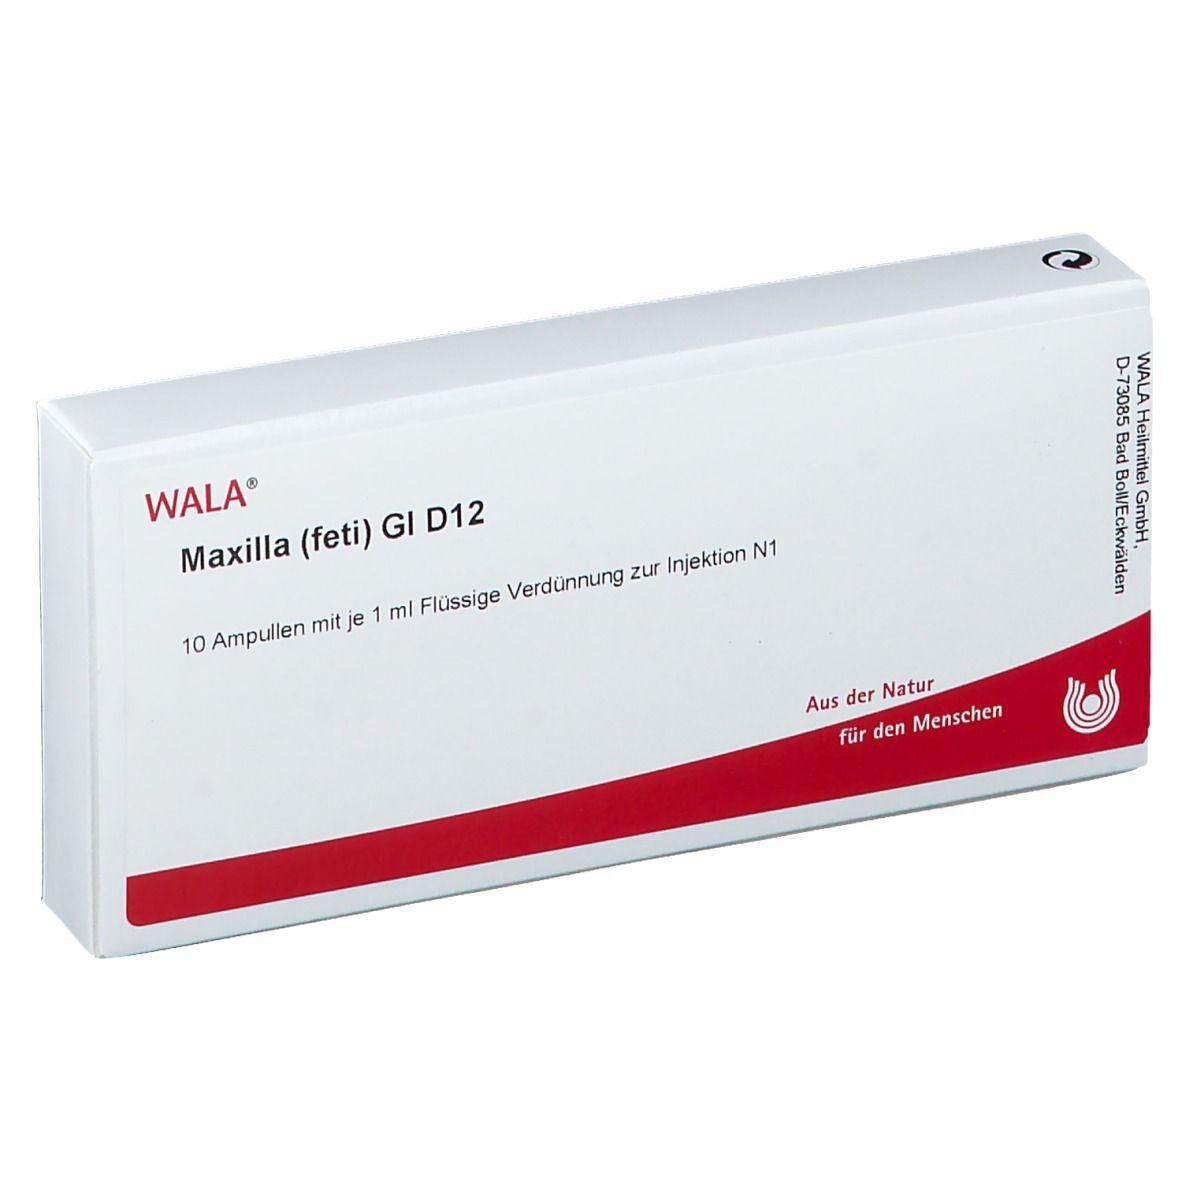 Wala® Maxilla feti Gl D12